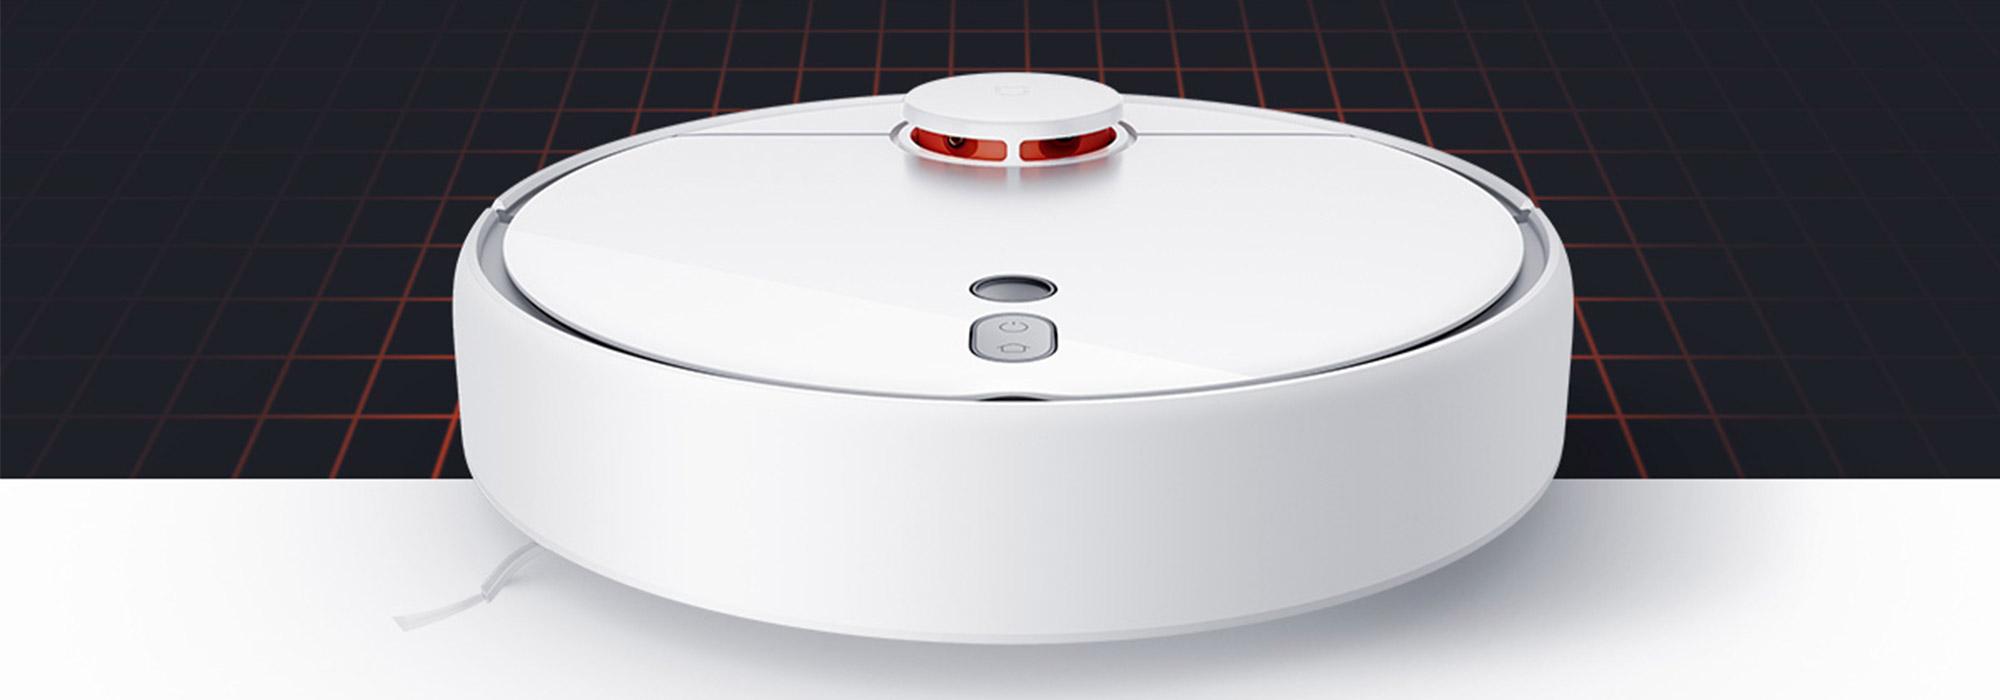 Mi Robot 1S – neuer Saugroboter von Xiaomi